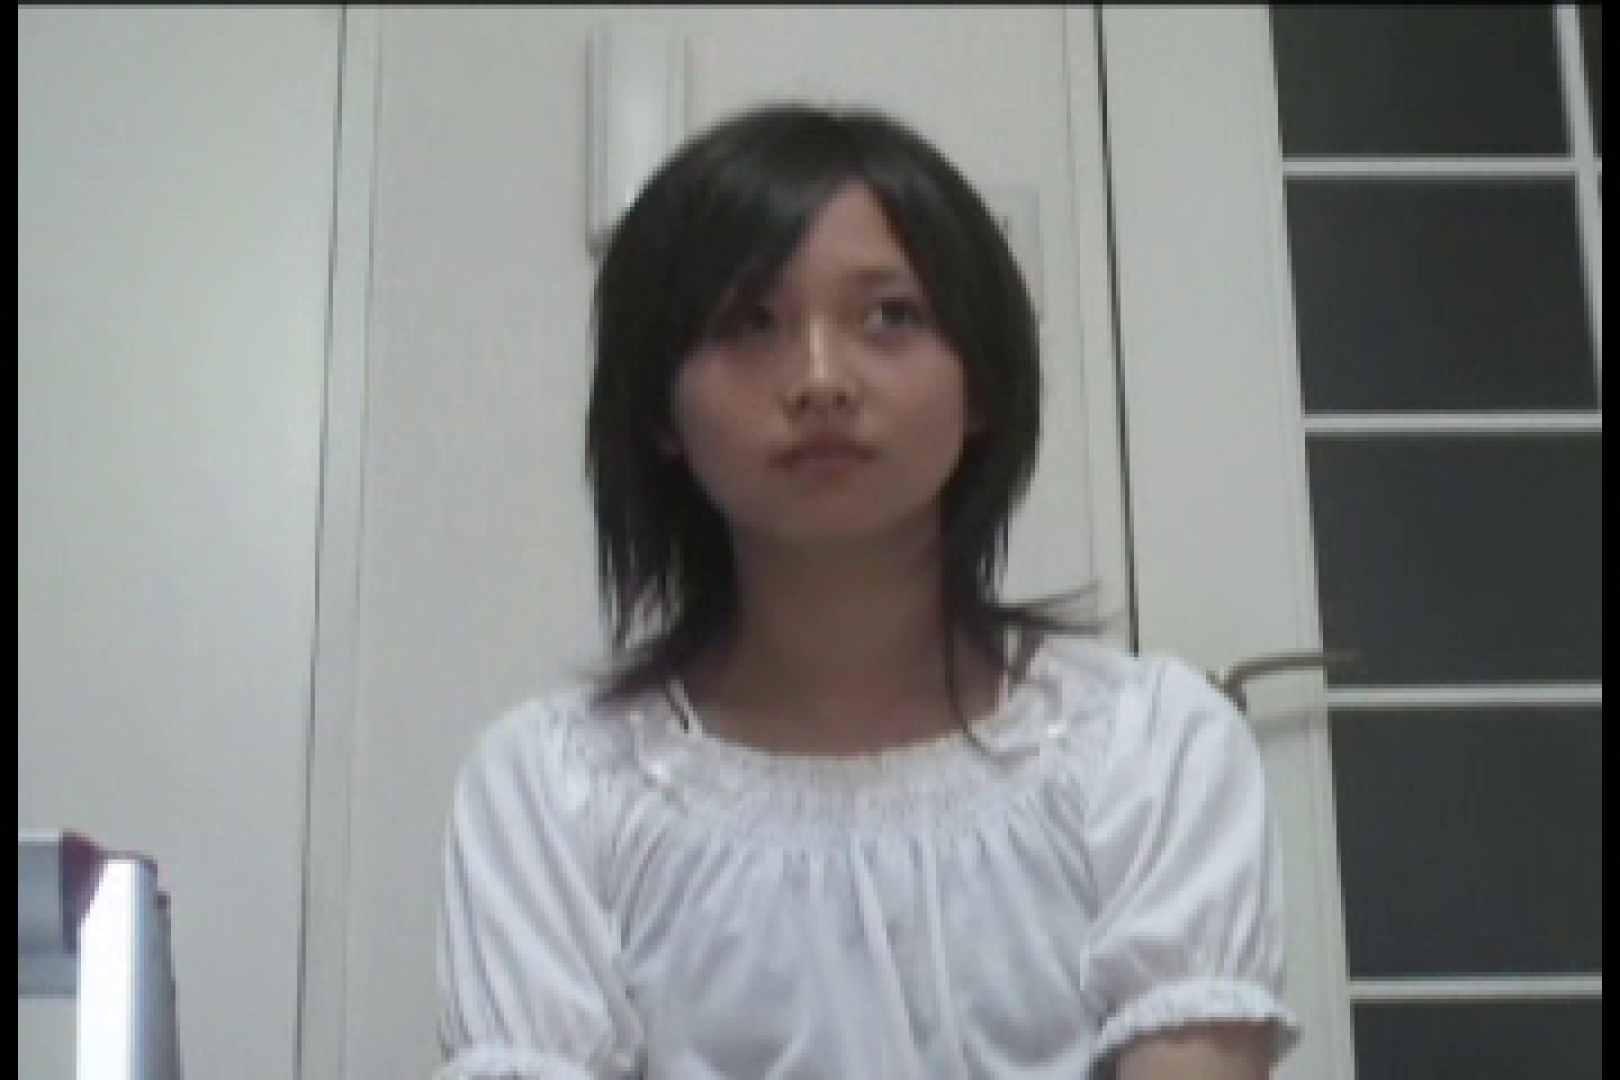 パンツ売りの女の子 むみちゃんvol.1 OL  112pic 11